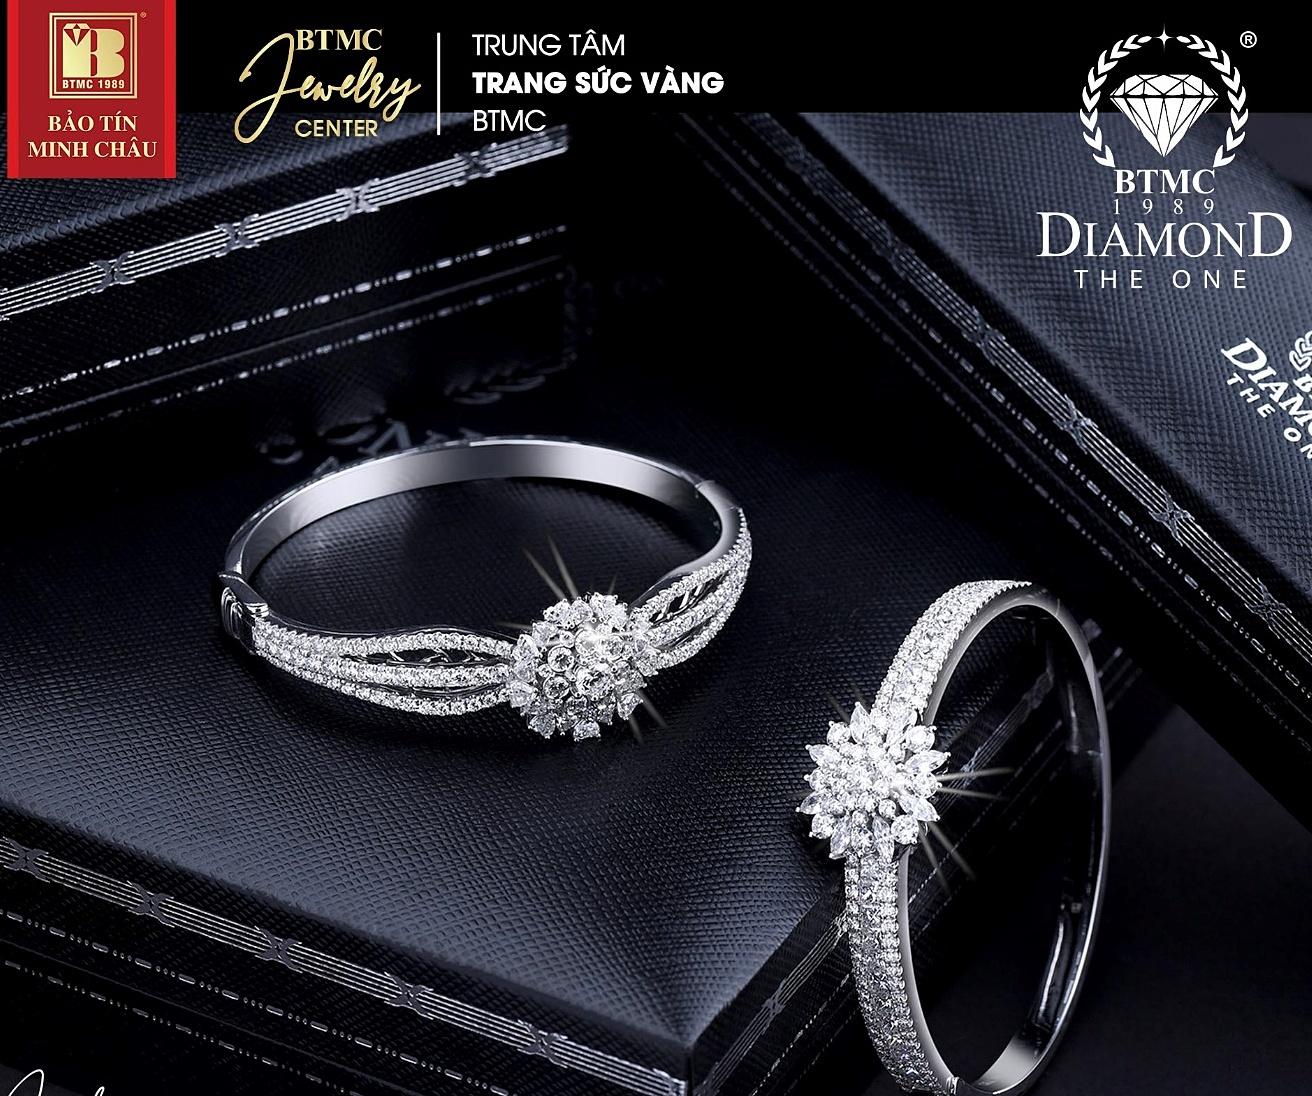 Kim cương là món trang sức được các nữ doanh nhân cũng như đa số phái đẹp yêu thích.